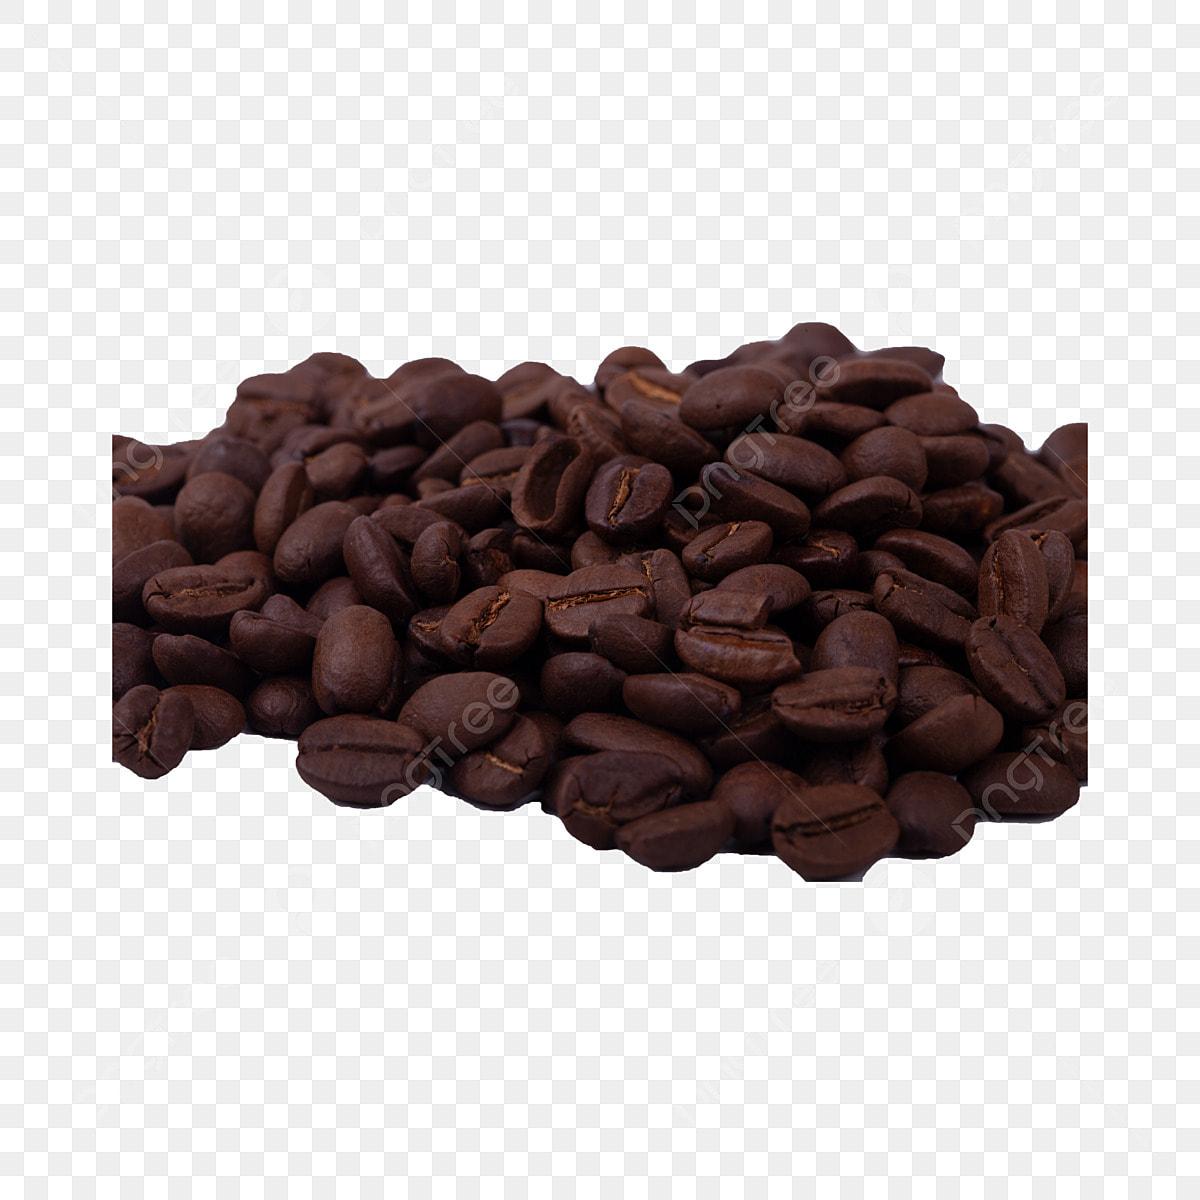 gambar biji kopi png muat turun percuma biji kopi realisme musim sejuk png dan psd untuk muat turun percuma pngtree